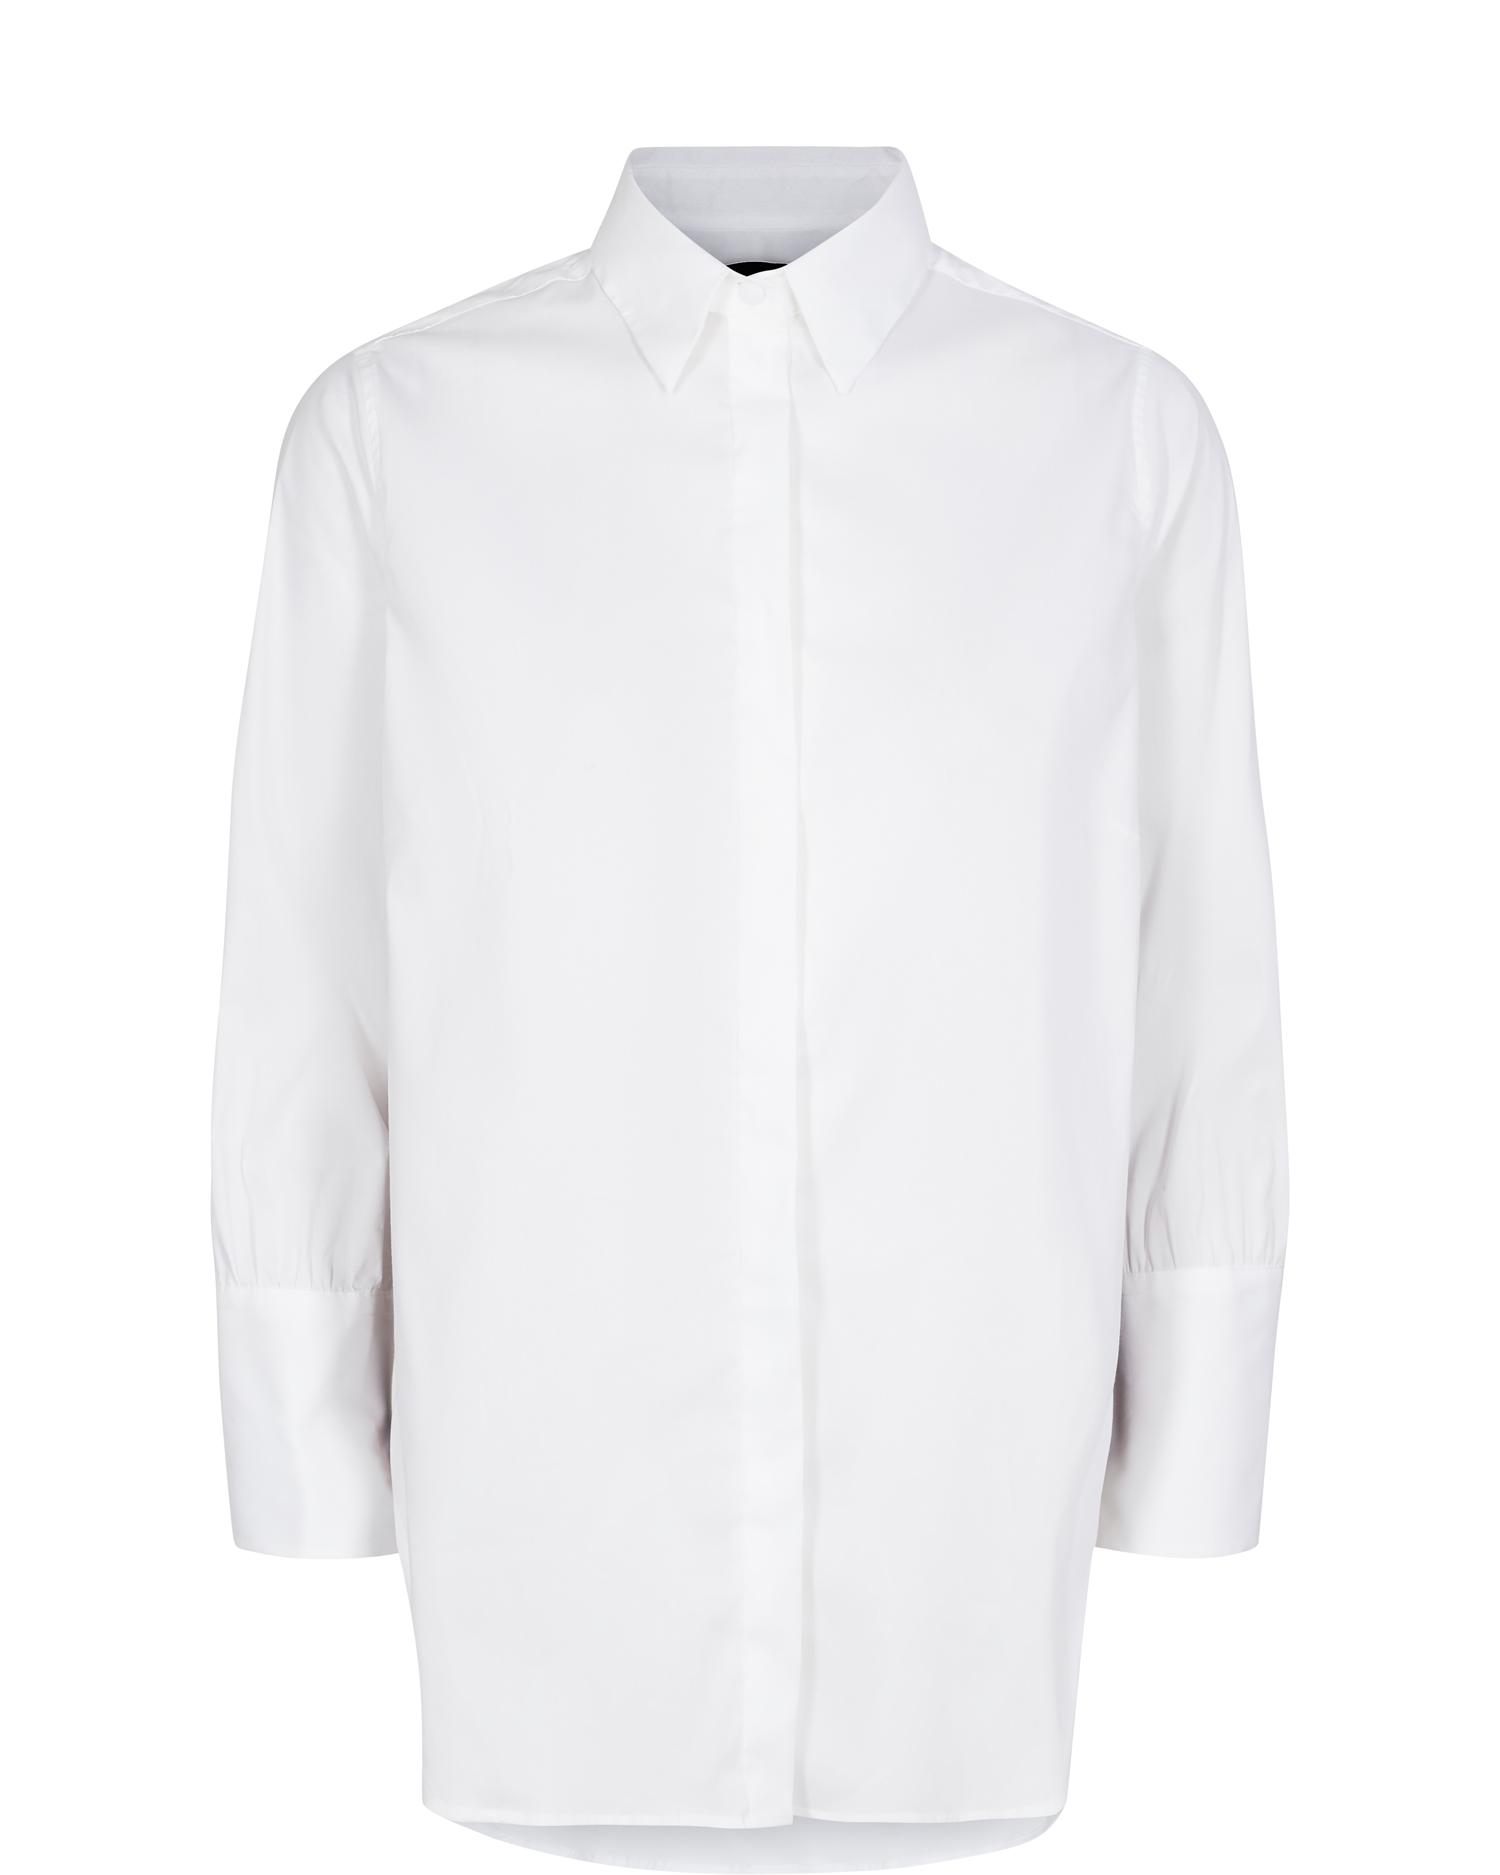 Larina Ribbon Shirt 7/8